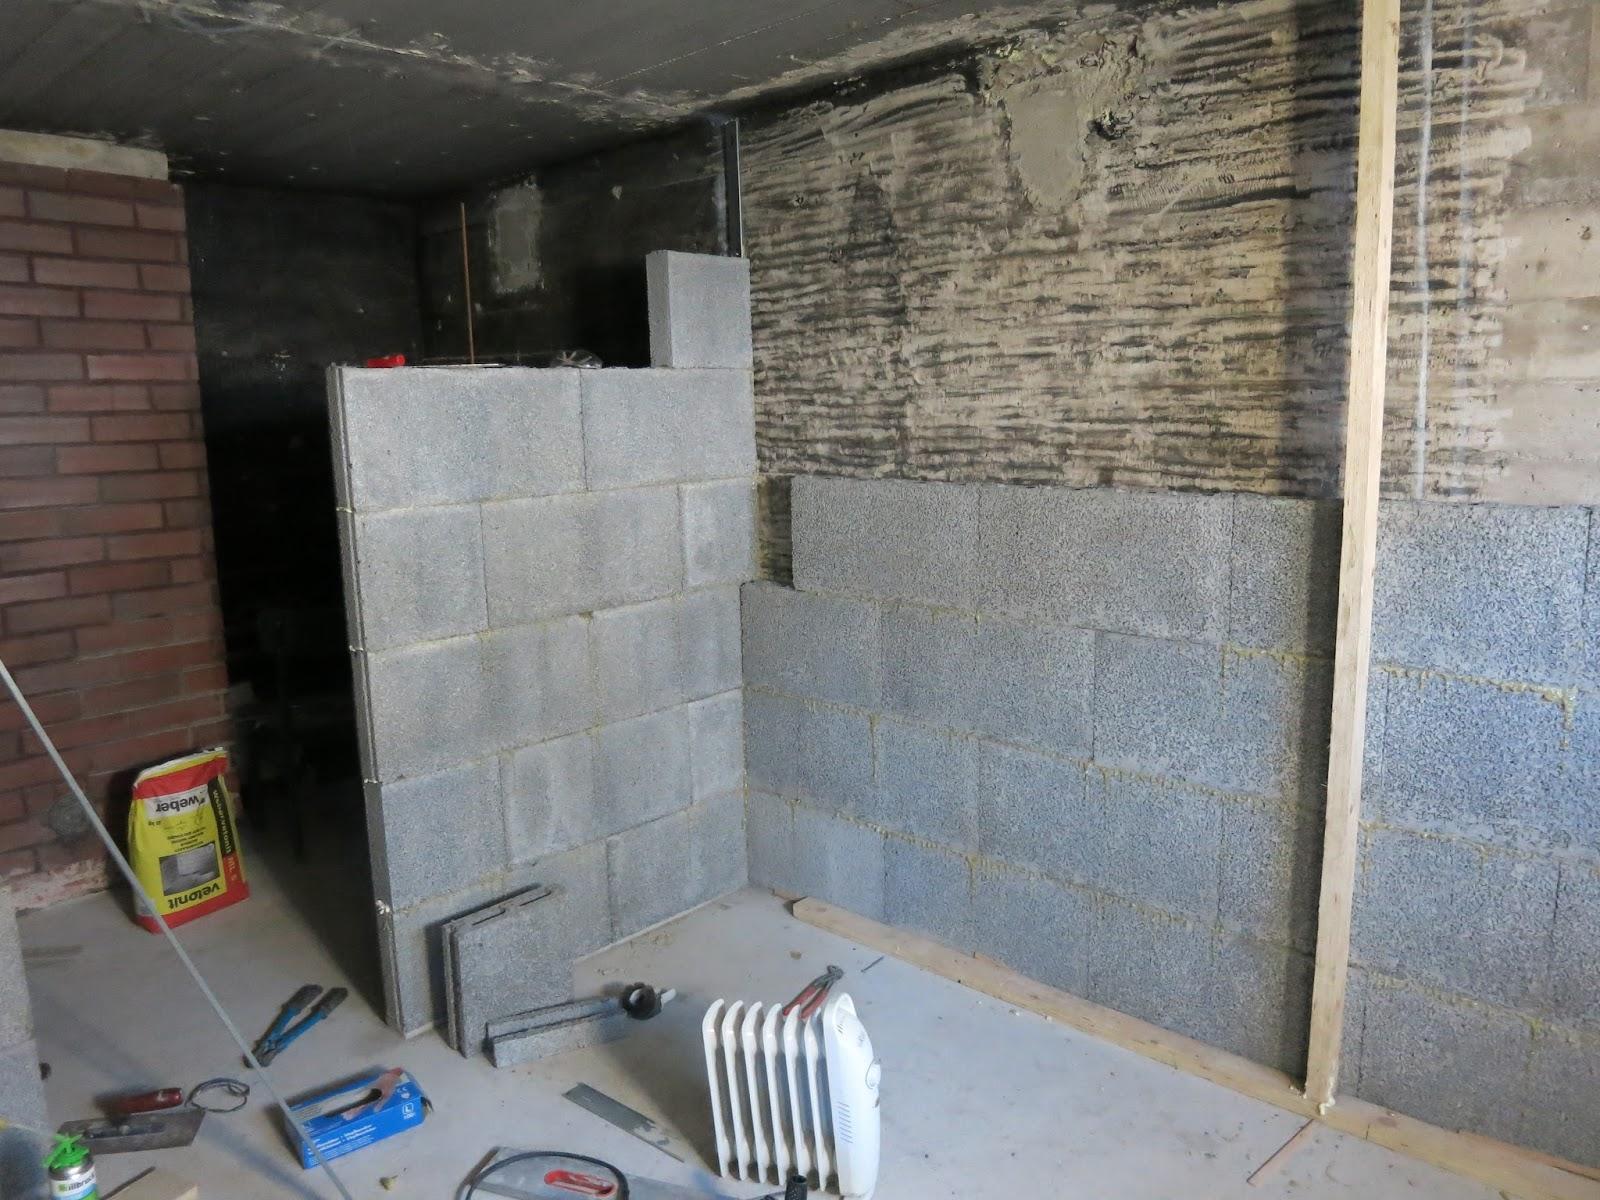 Söta drömmar: badrum och bastu: väggarna byggs upp